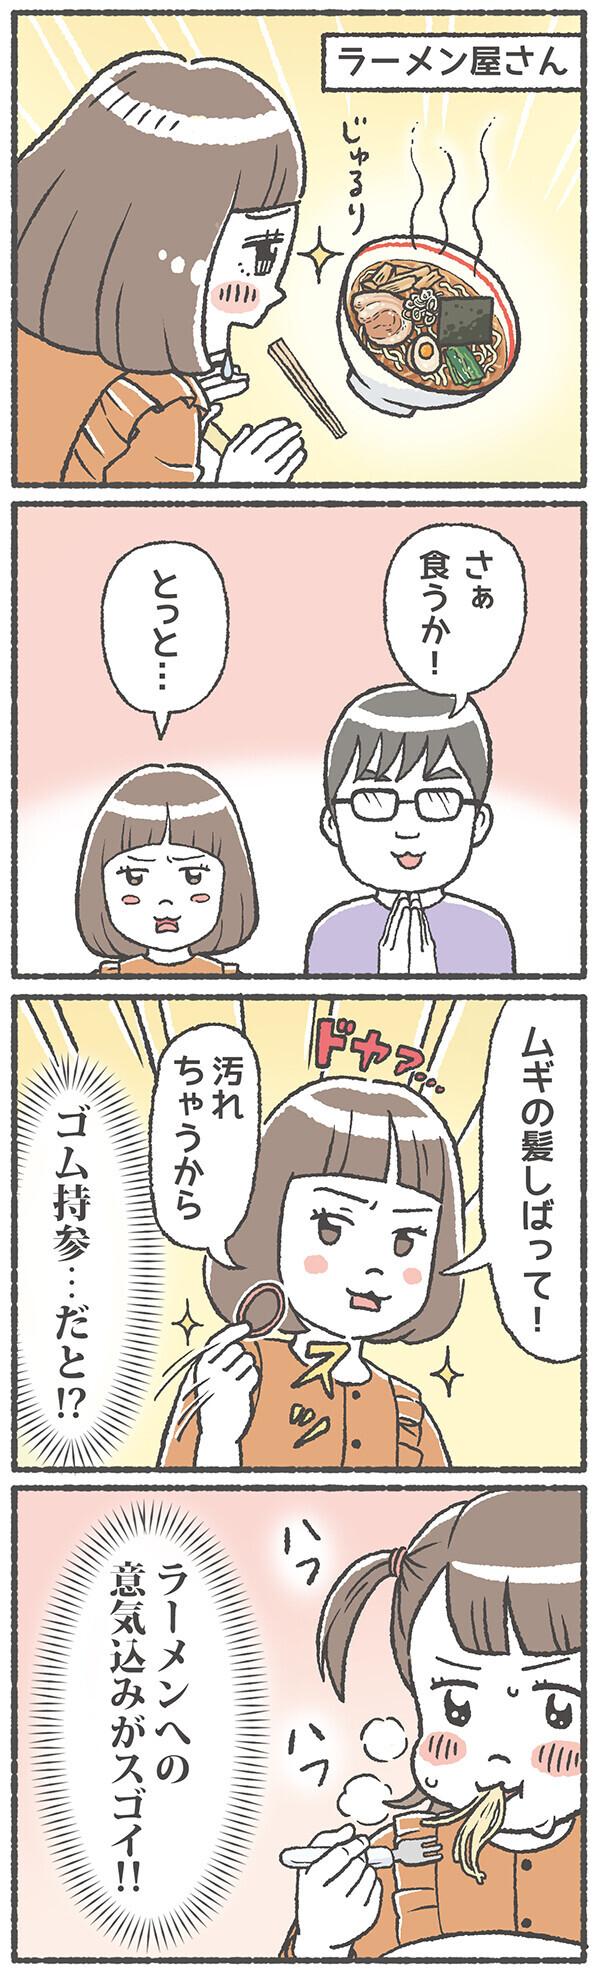 ムギ4歳「食」への果てなき愛!!【笑いに変えて乗り切る!(願望) オタク母の育児日記】  Vol.5